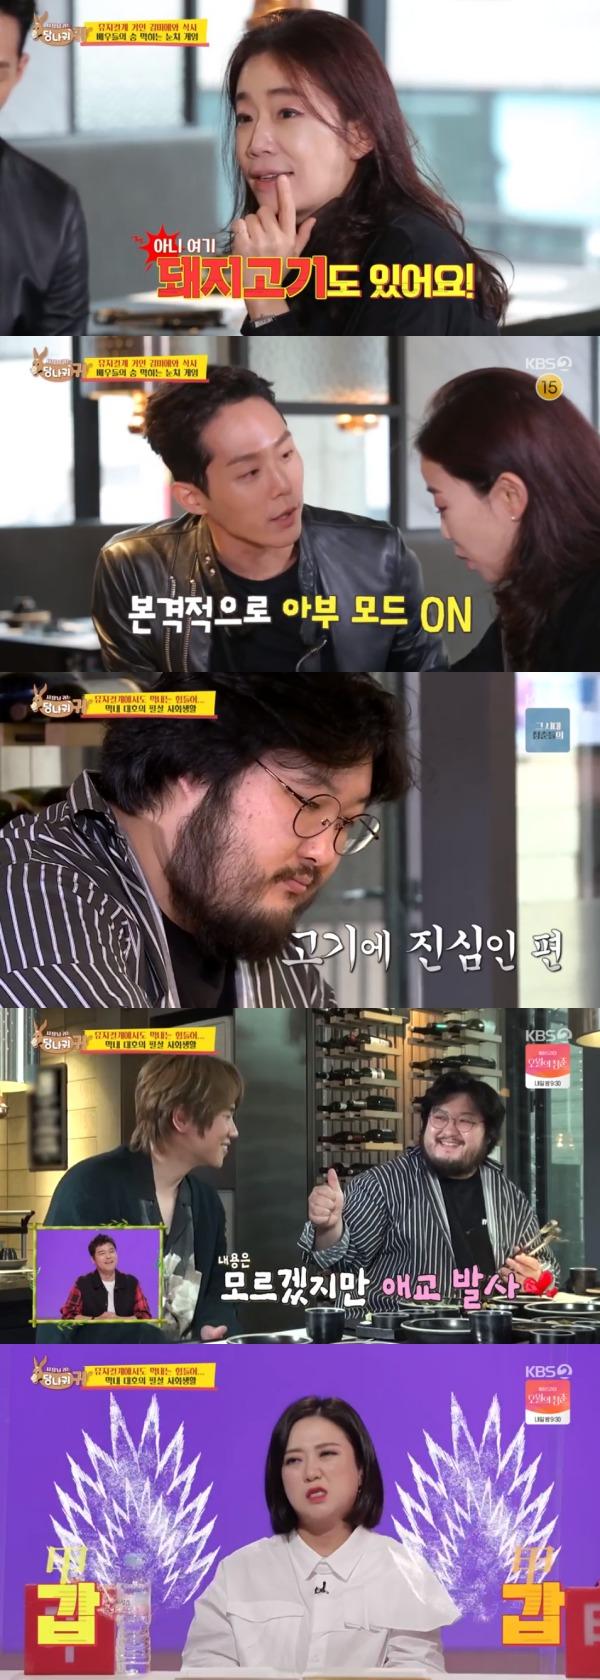 KBS 2TV '사장님 귀는 당나귀 귀' 방송 화면 캡처 © 뉴스1